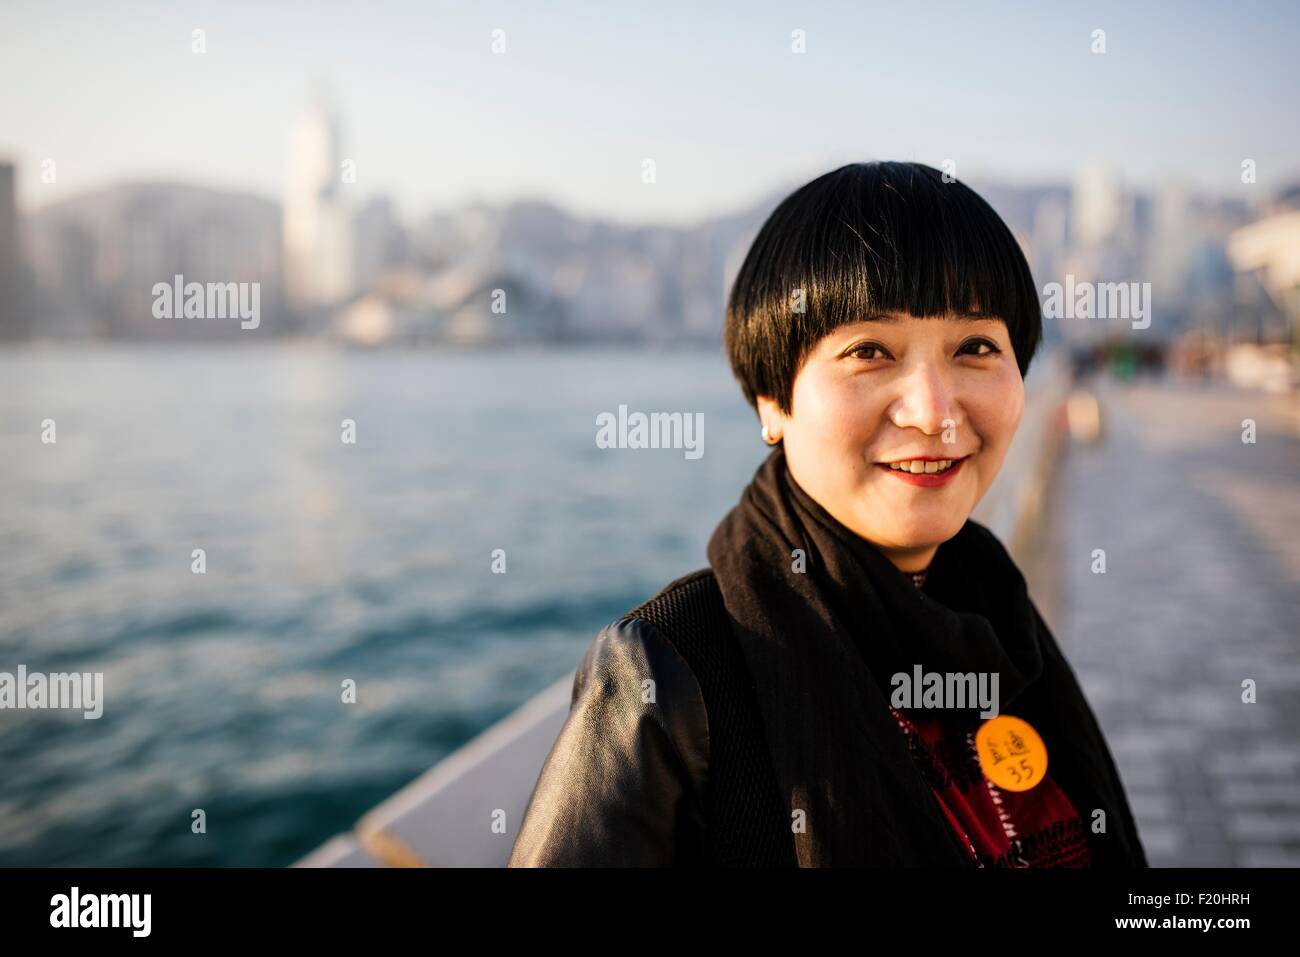 Retrato de meados de mulher adulta com cabelo curto na frente de água olhando para a câmara a sorrir Imagens de Stock